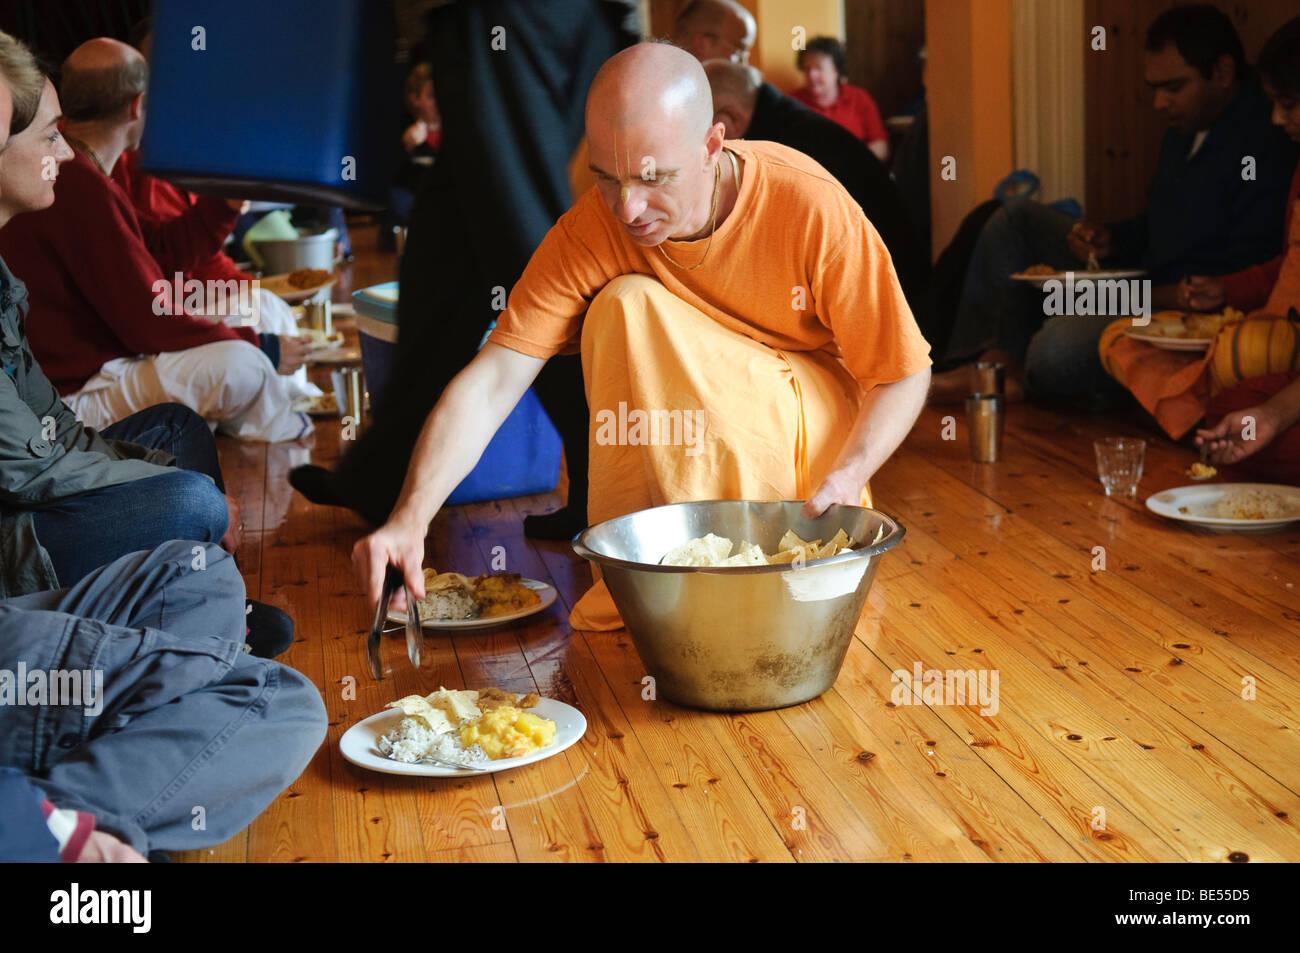 Hare Krishna disciple, habillé en robe safran, orange sert de la nourriture à un festin végétarien dans une chambre du temple Banque D'Images